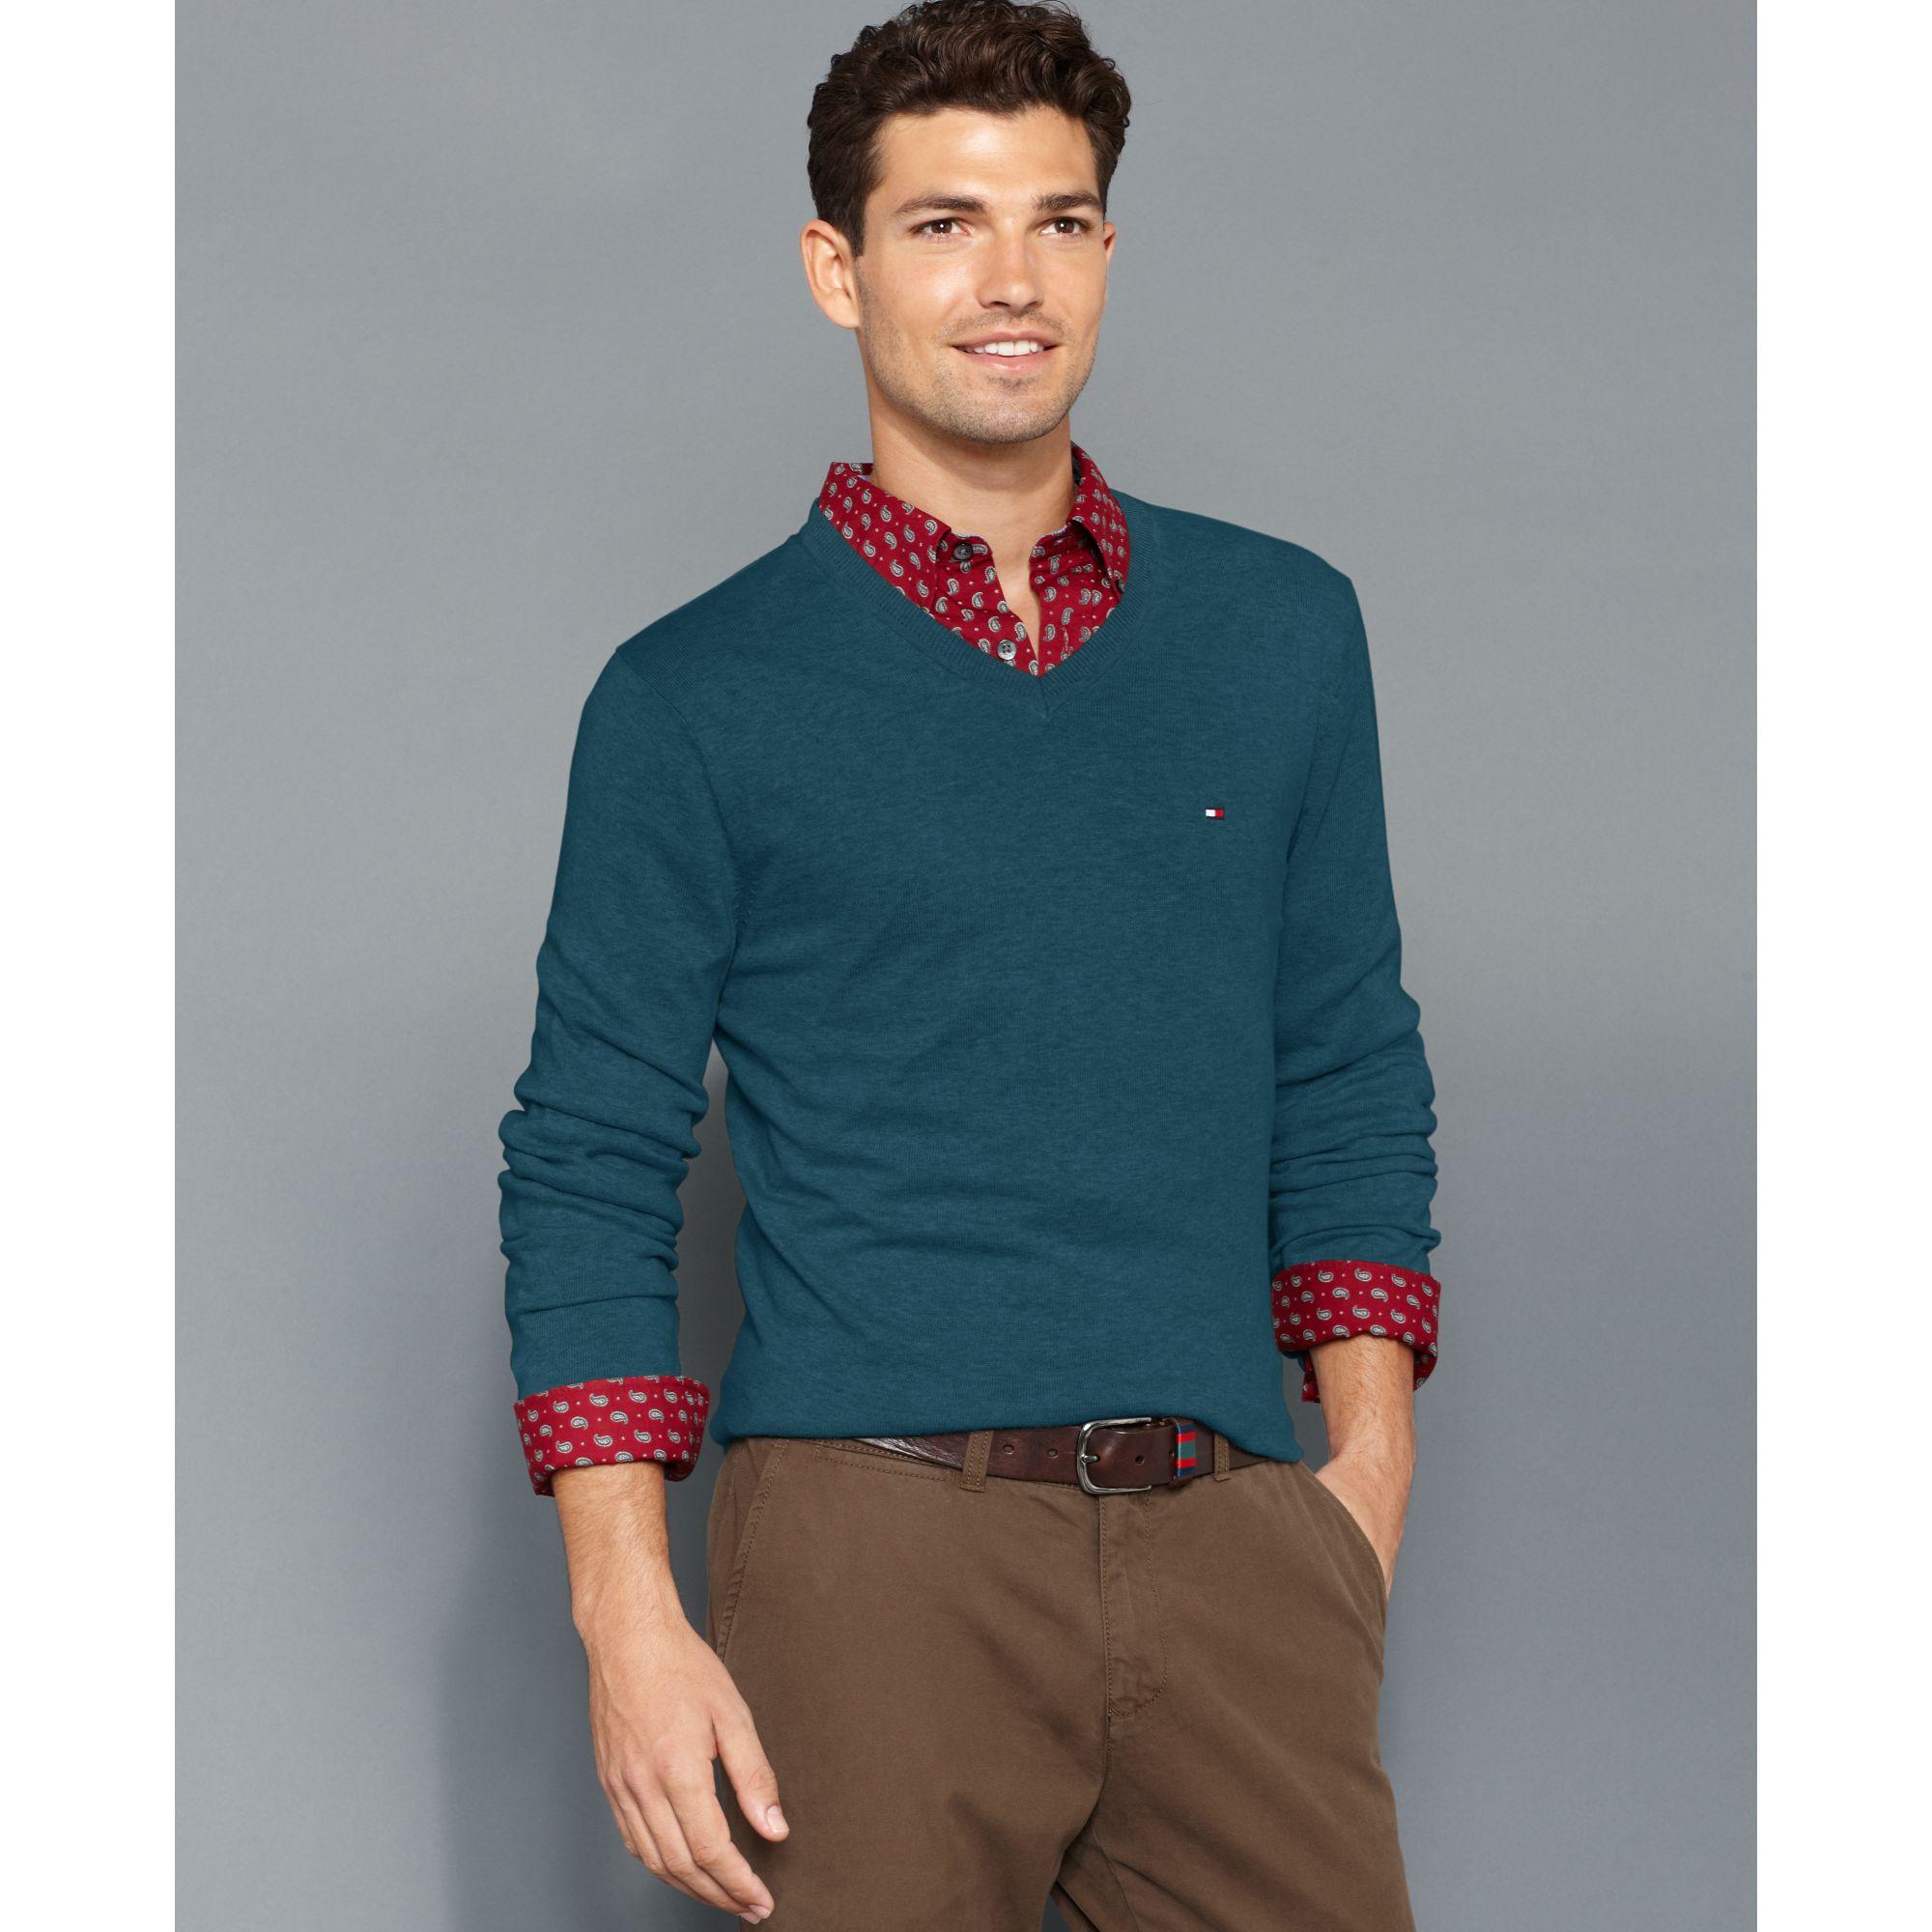 tommy hilfiger american vneck sweater in blue for men lyst. Black Bedroom Furniture Sets. Home Design Ideas